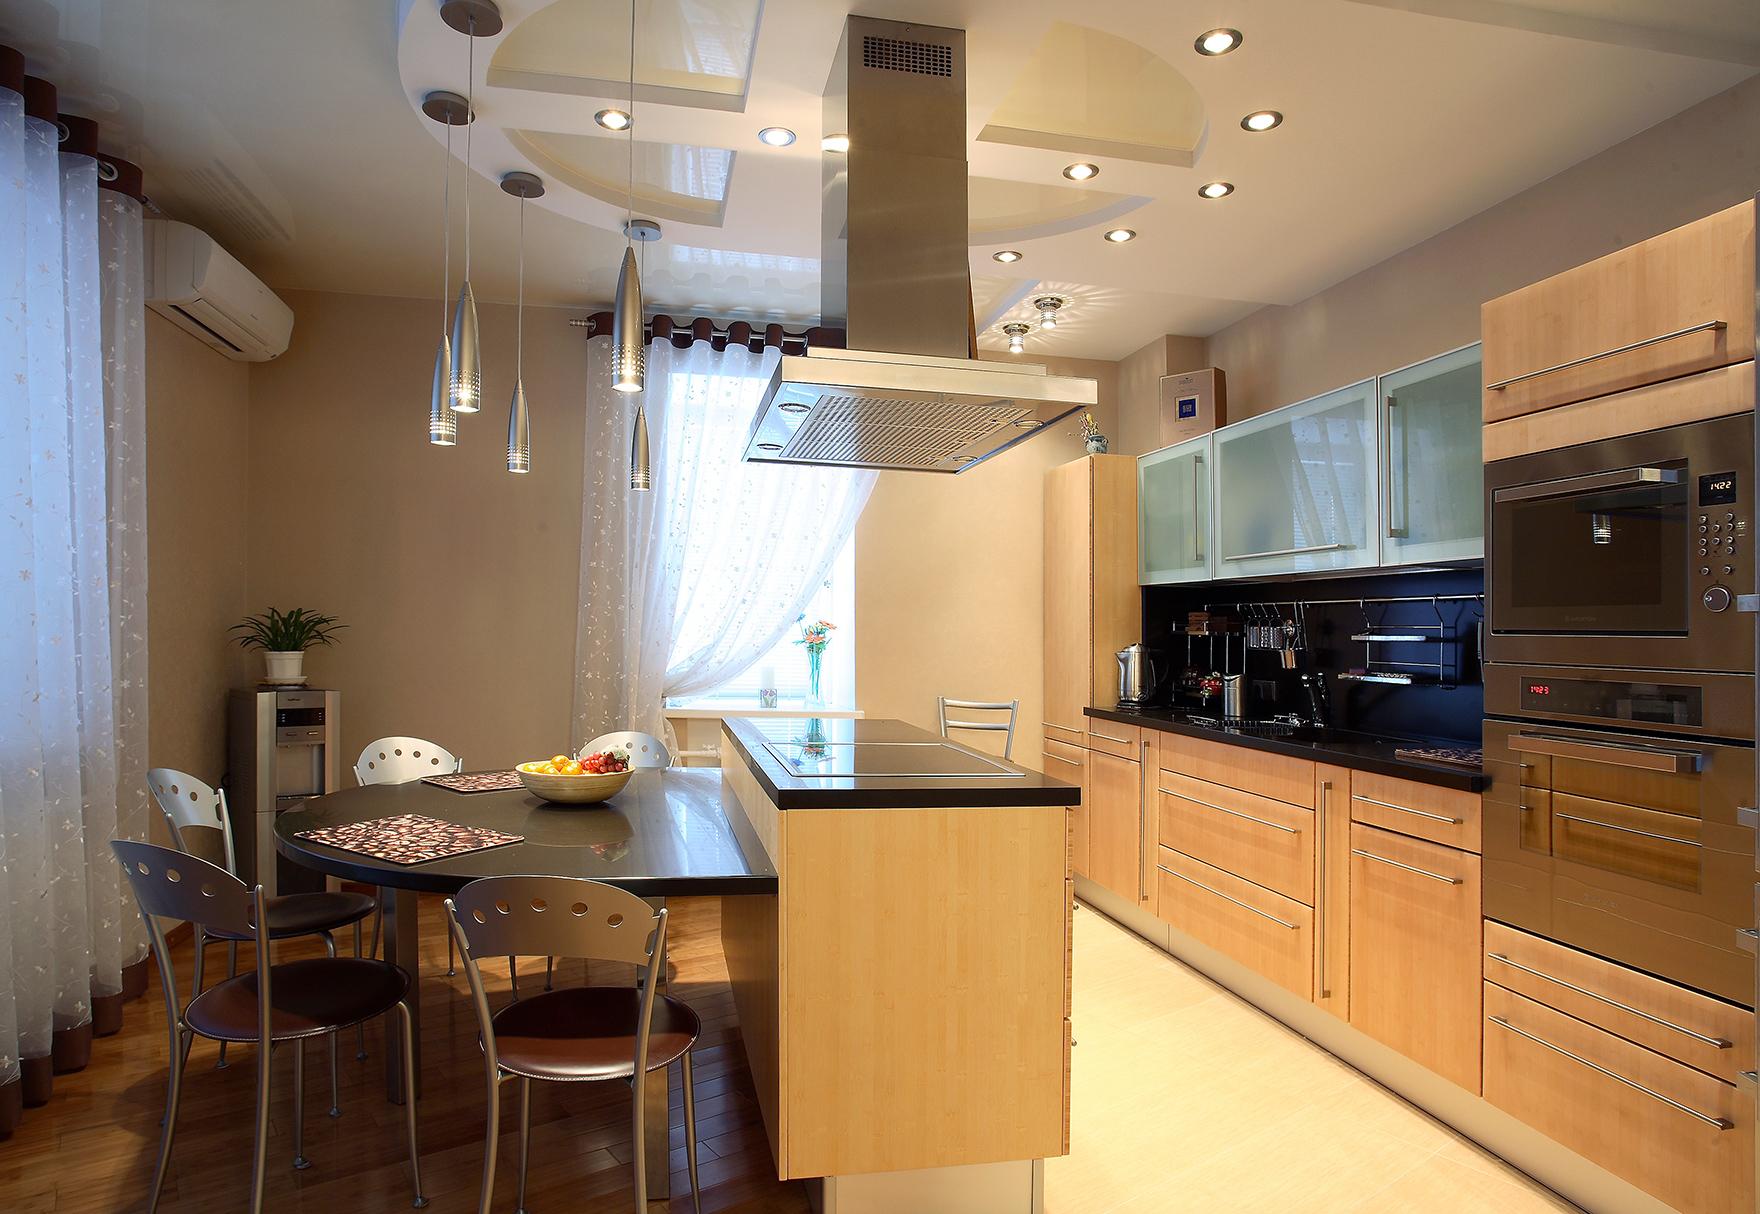 81Кухня ремонт дизайн в квартире